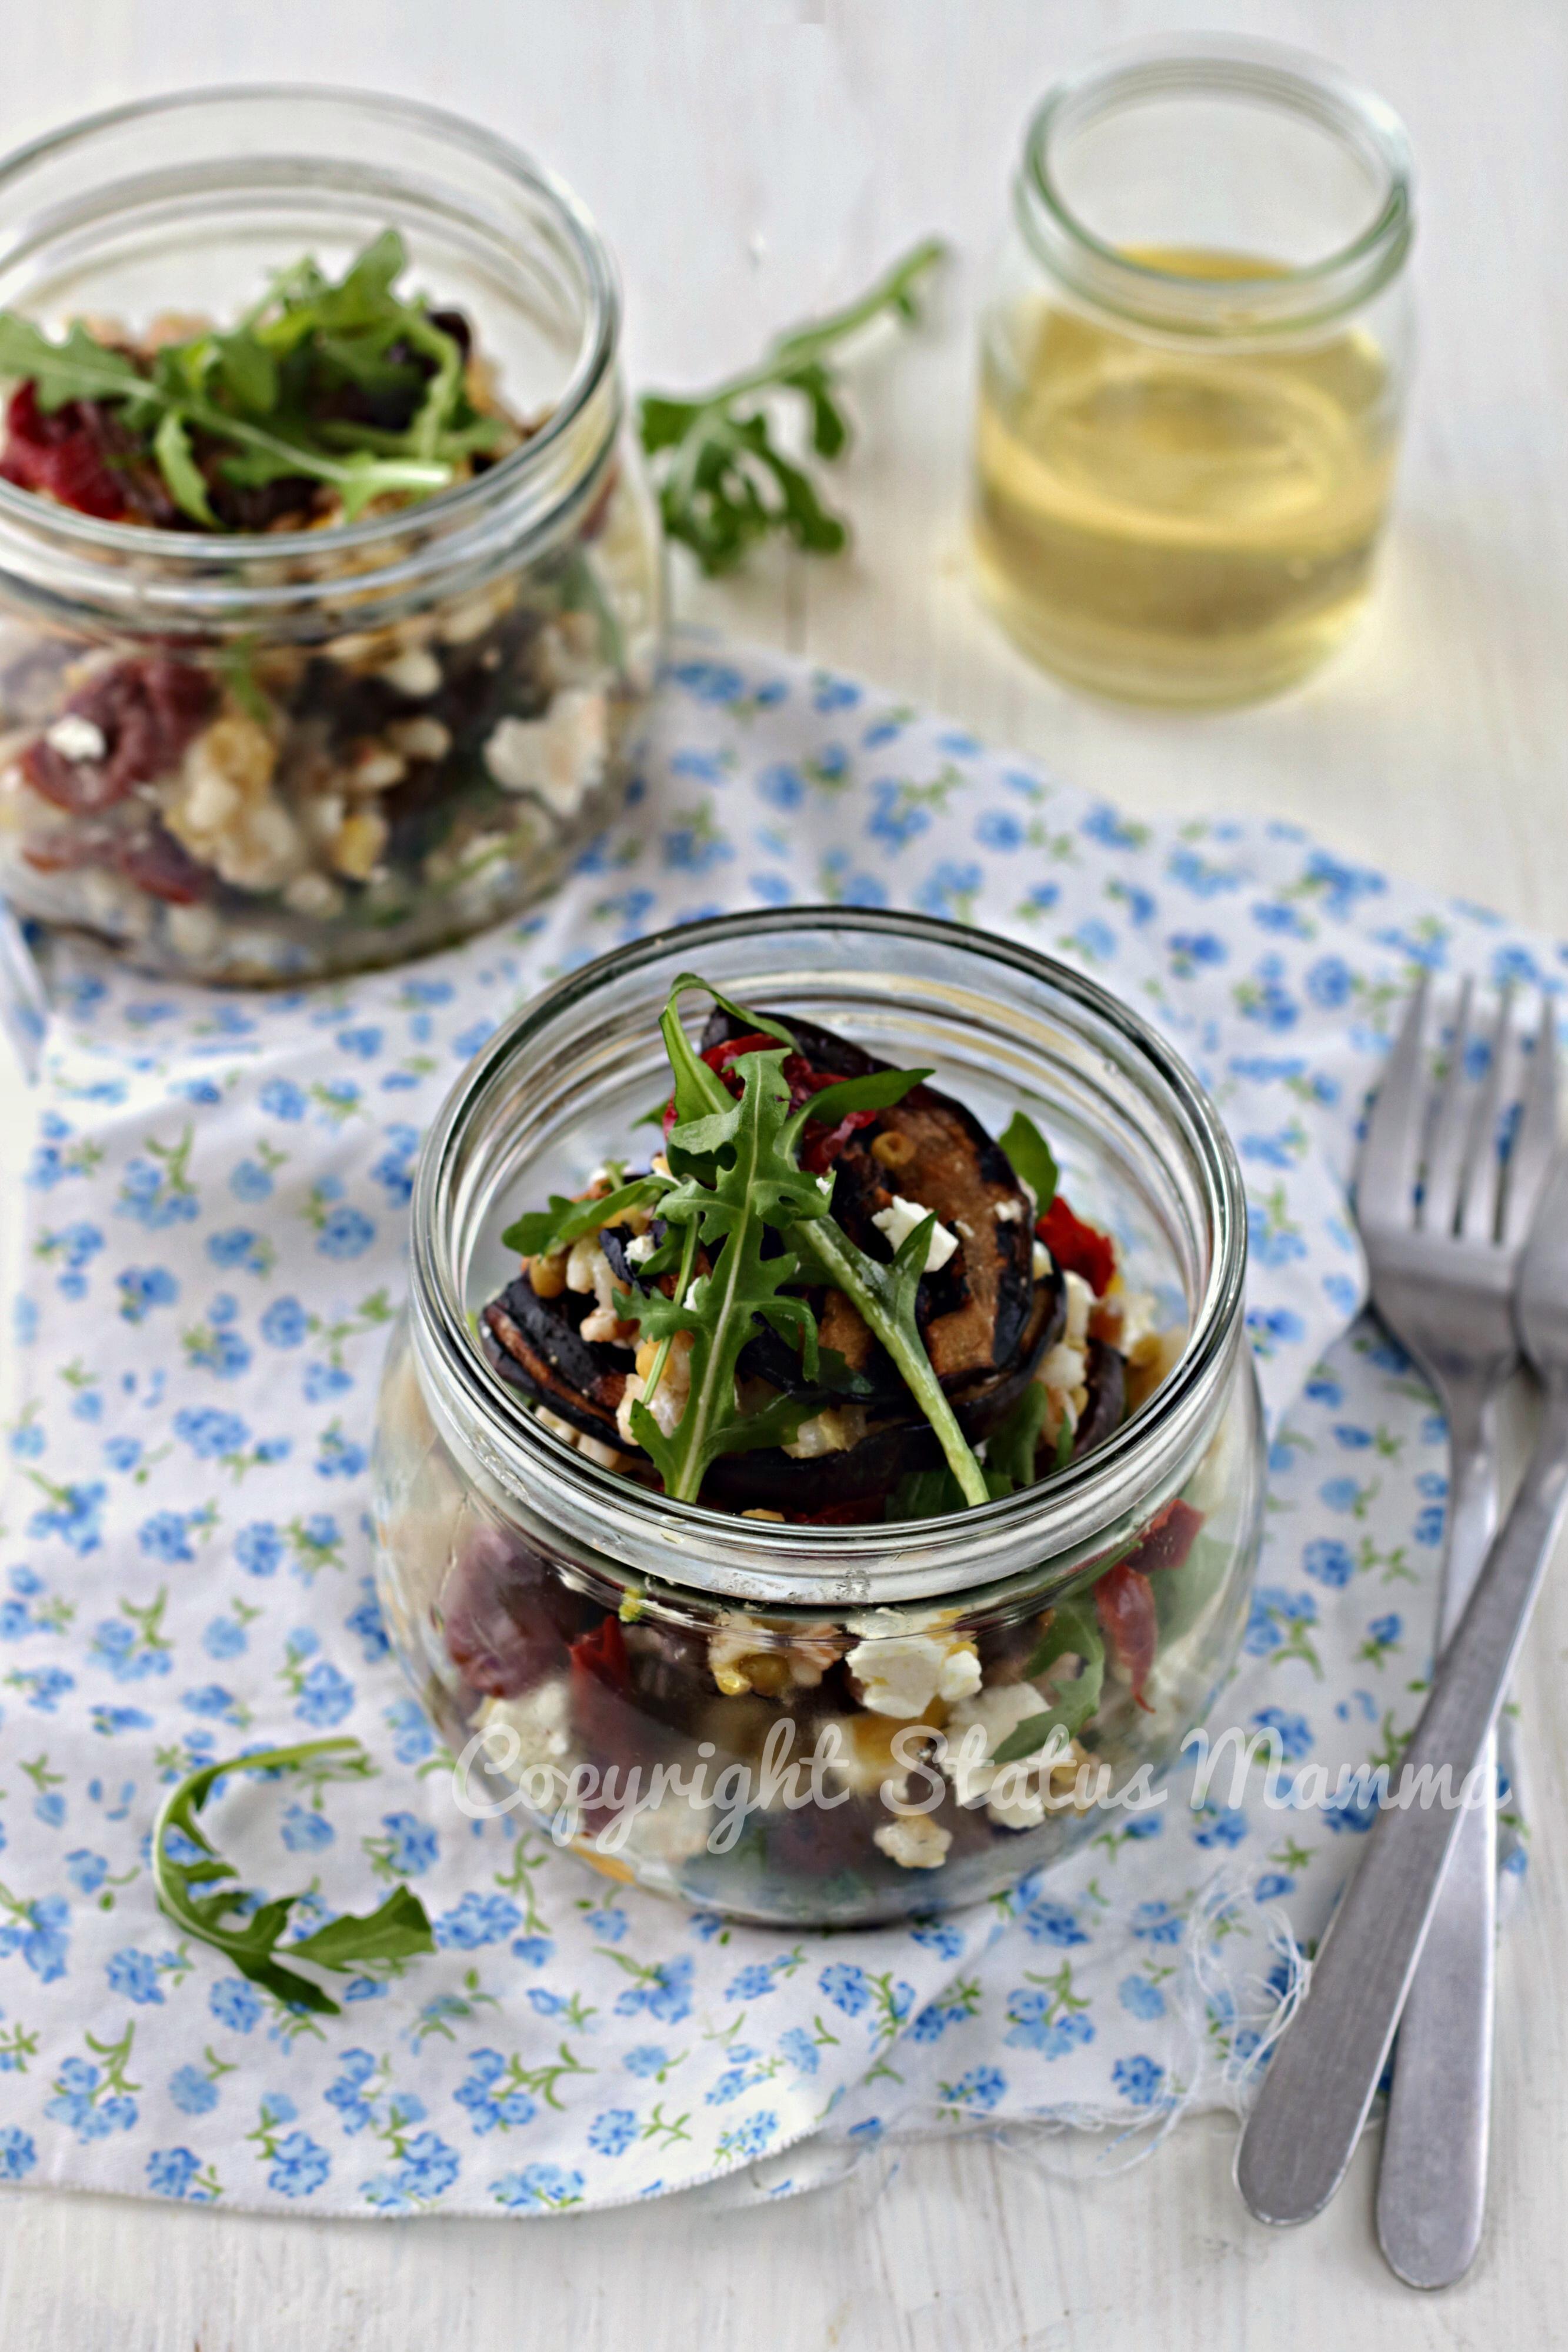 Come preparare una deliziosa insalata di melanzane con legumi e cereali fresca